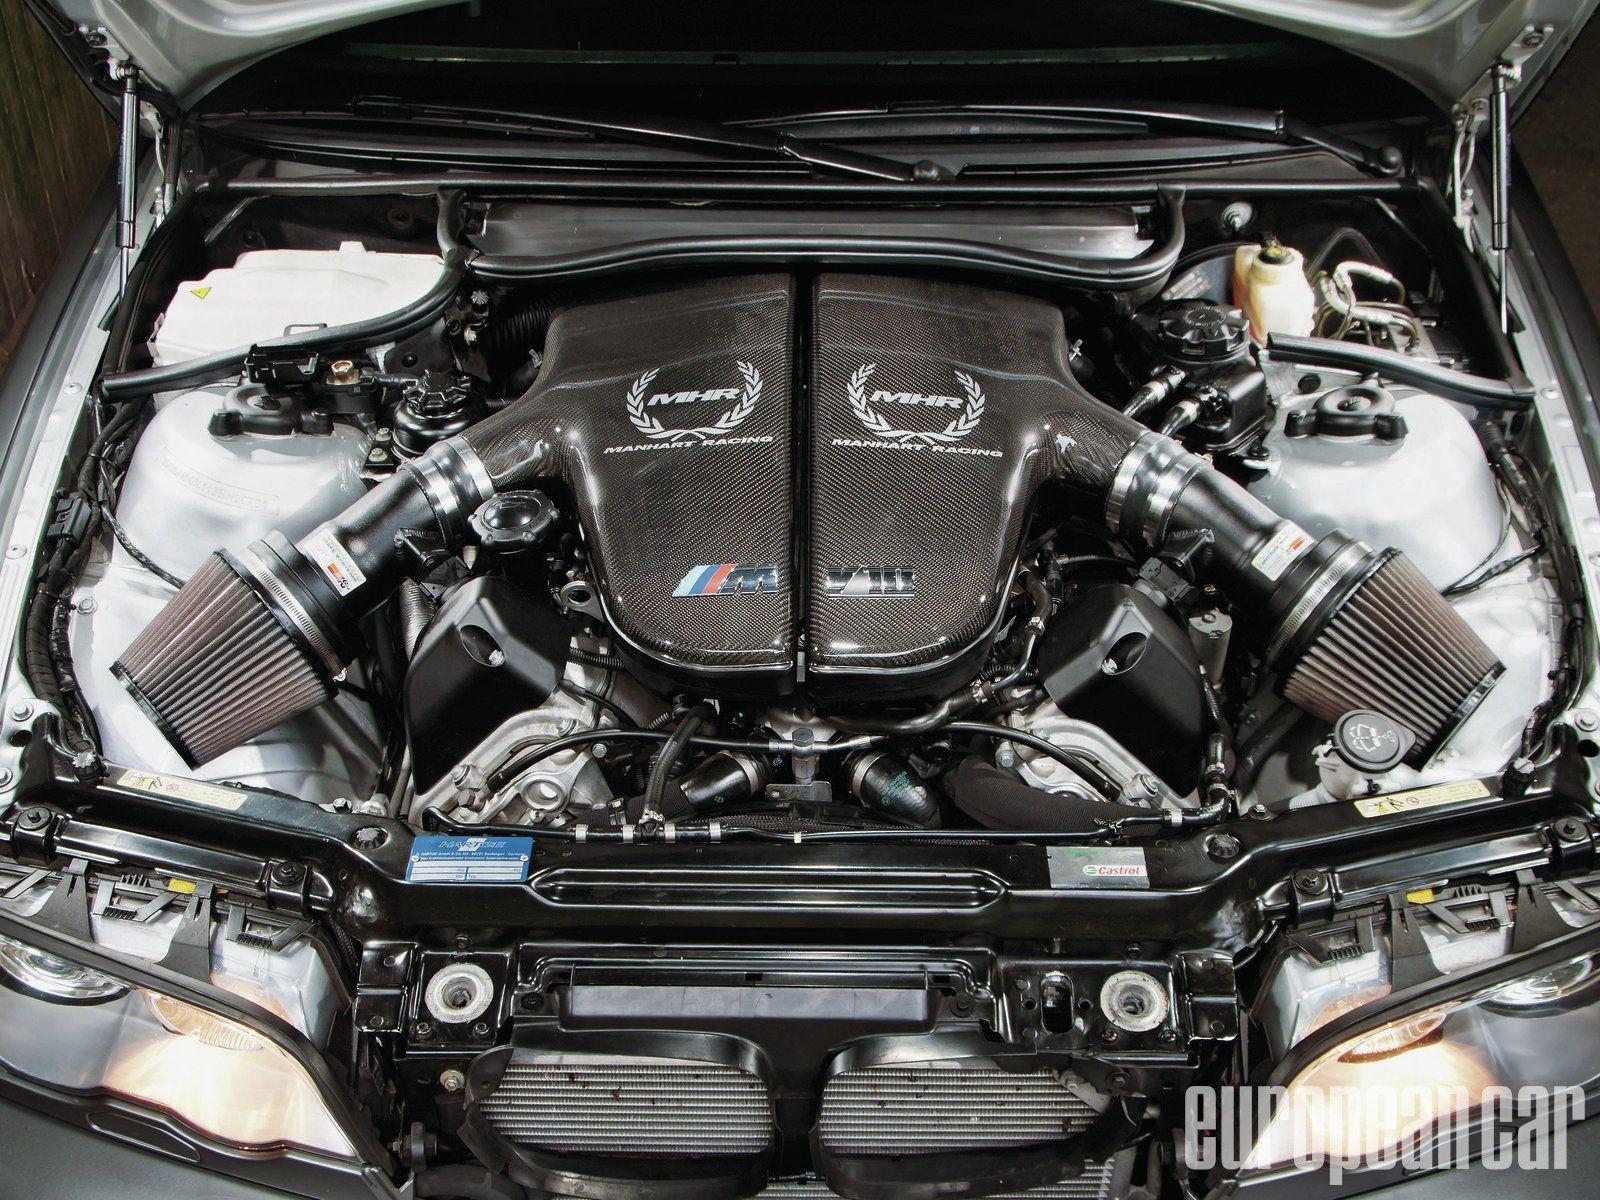 E46 M3 M5 V10 Swap